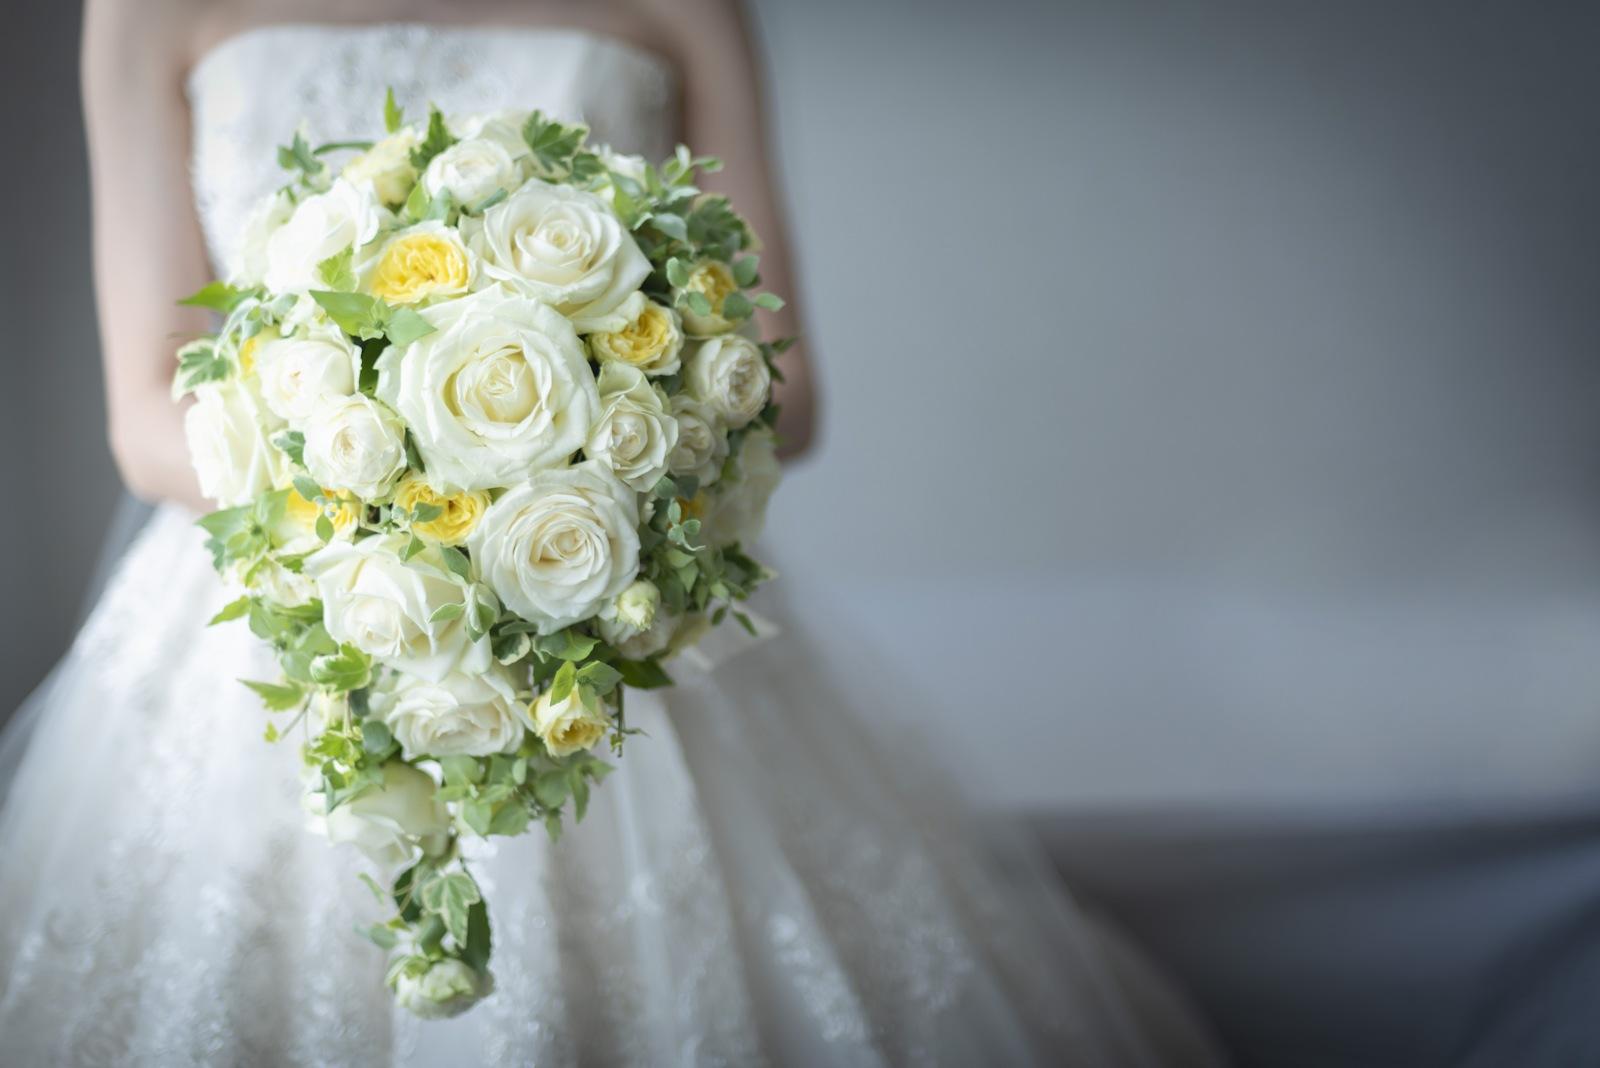 香川県の結婚式場シェルエメール&アイスタイルのブーケ